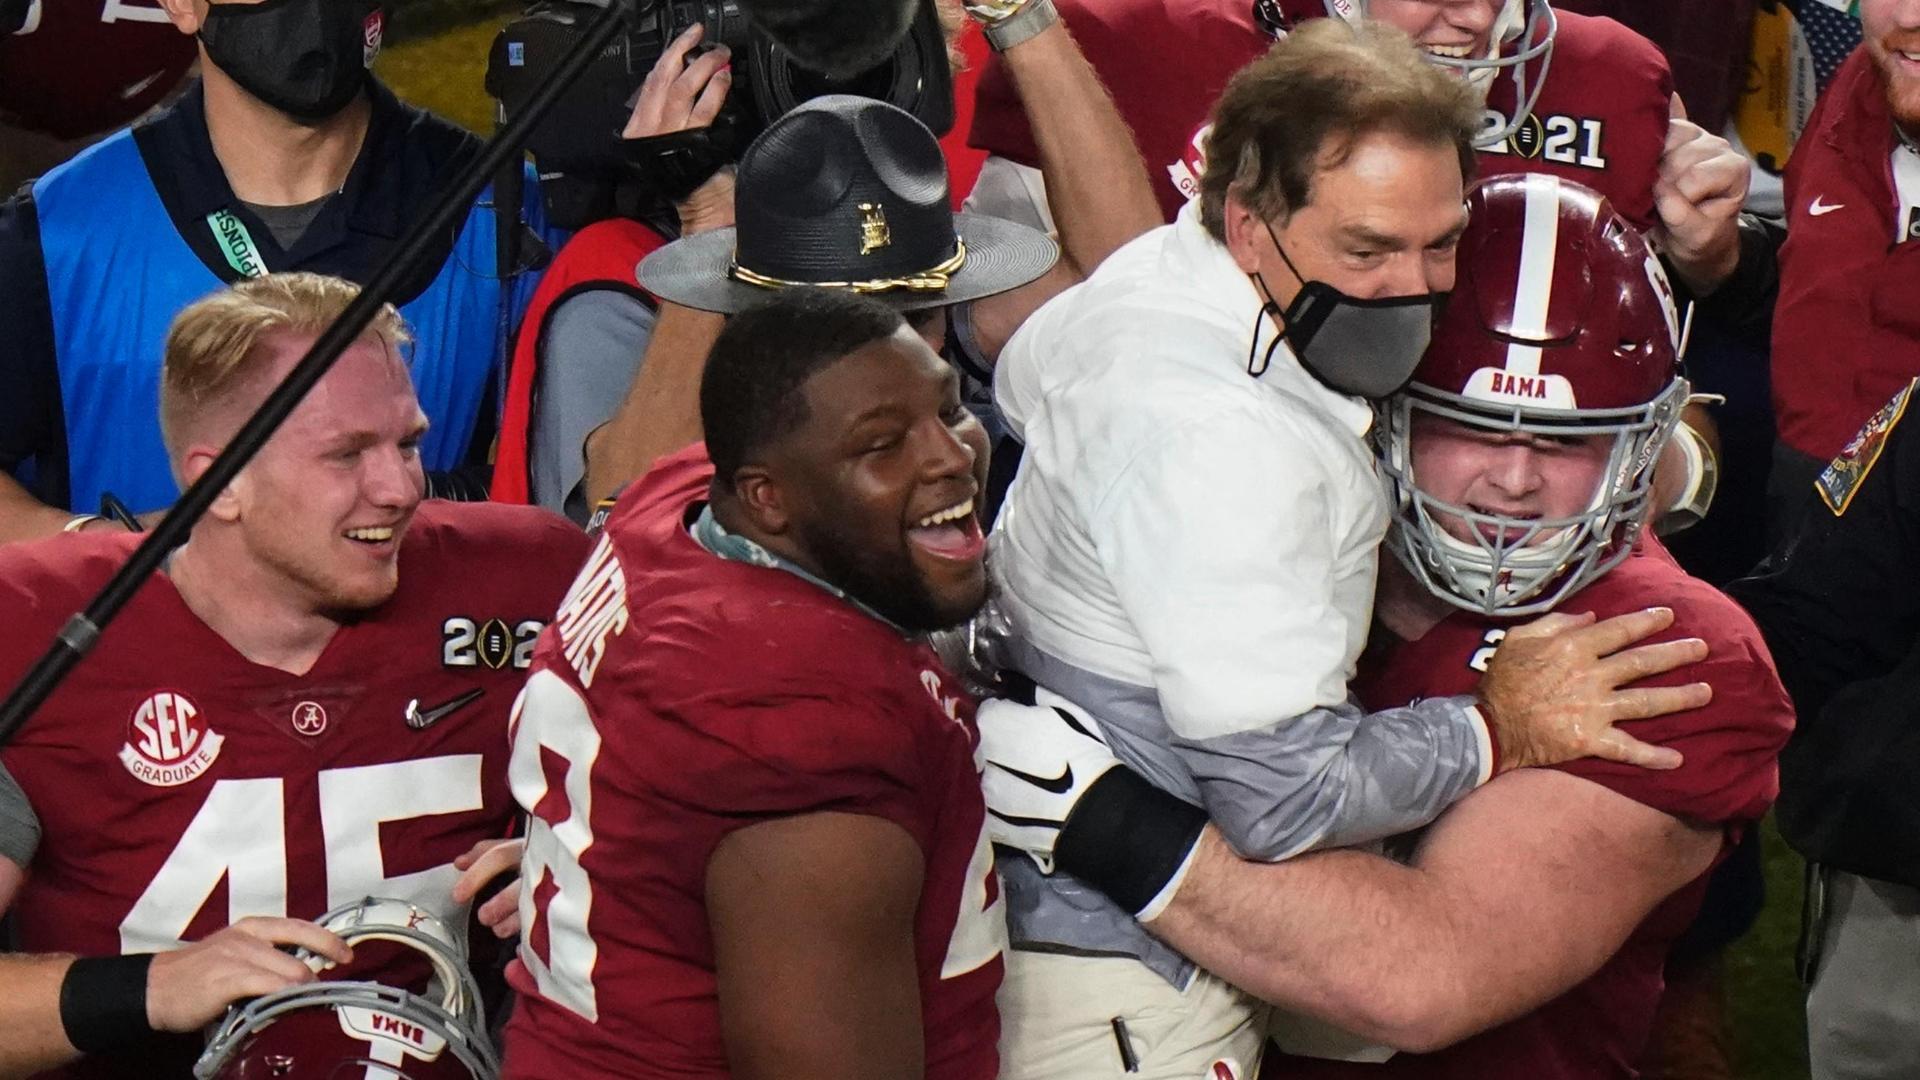 Alabama celebrates national championship